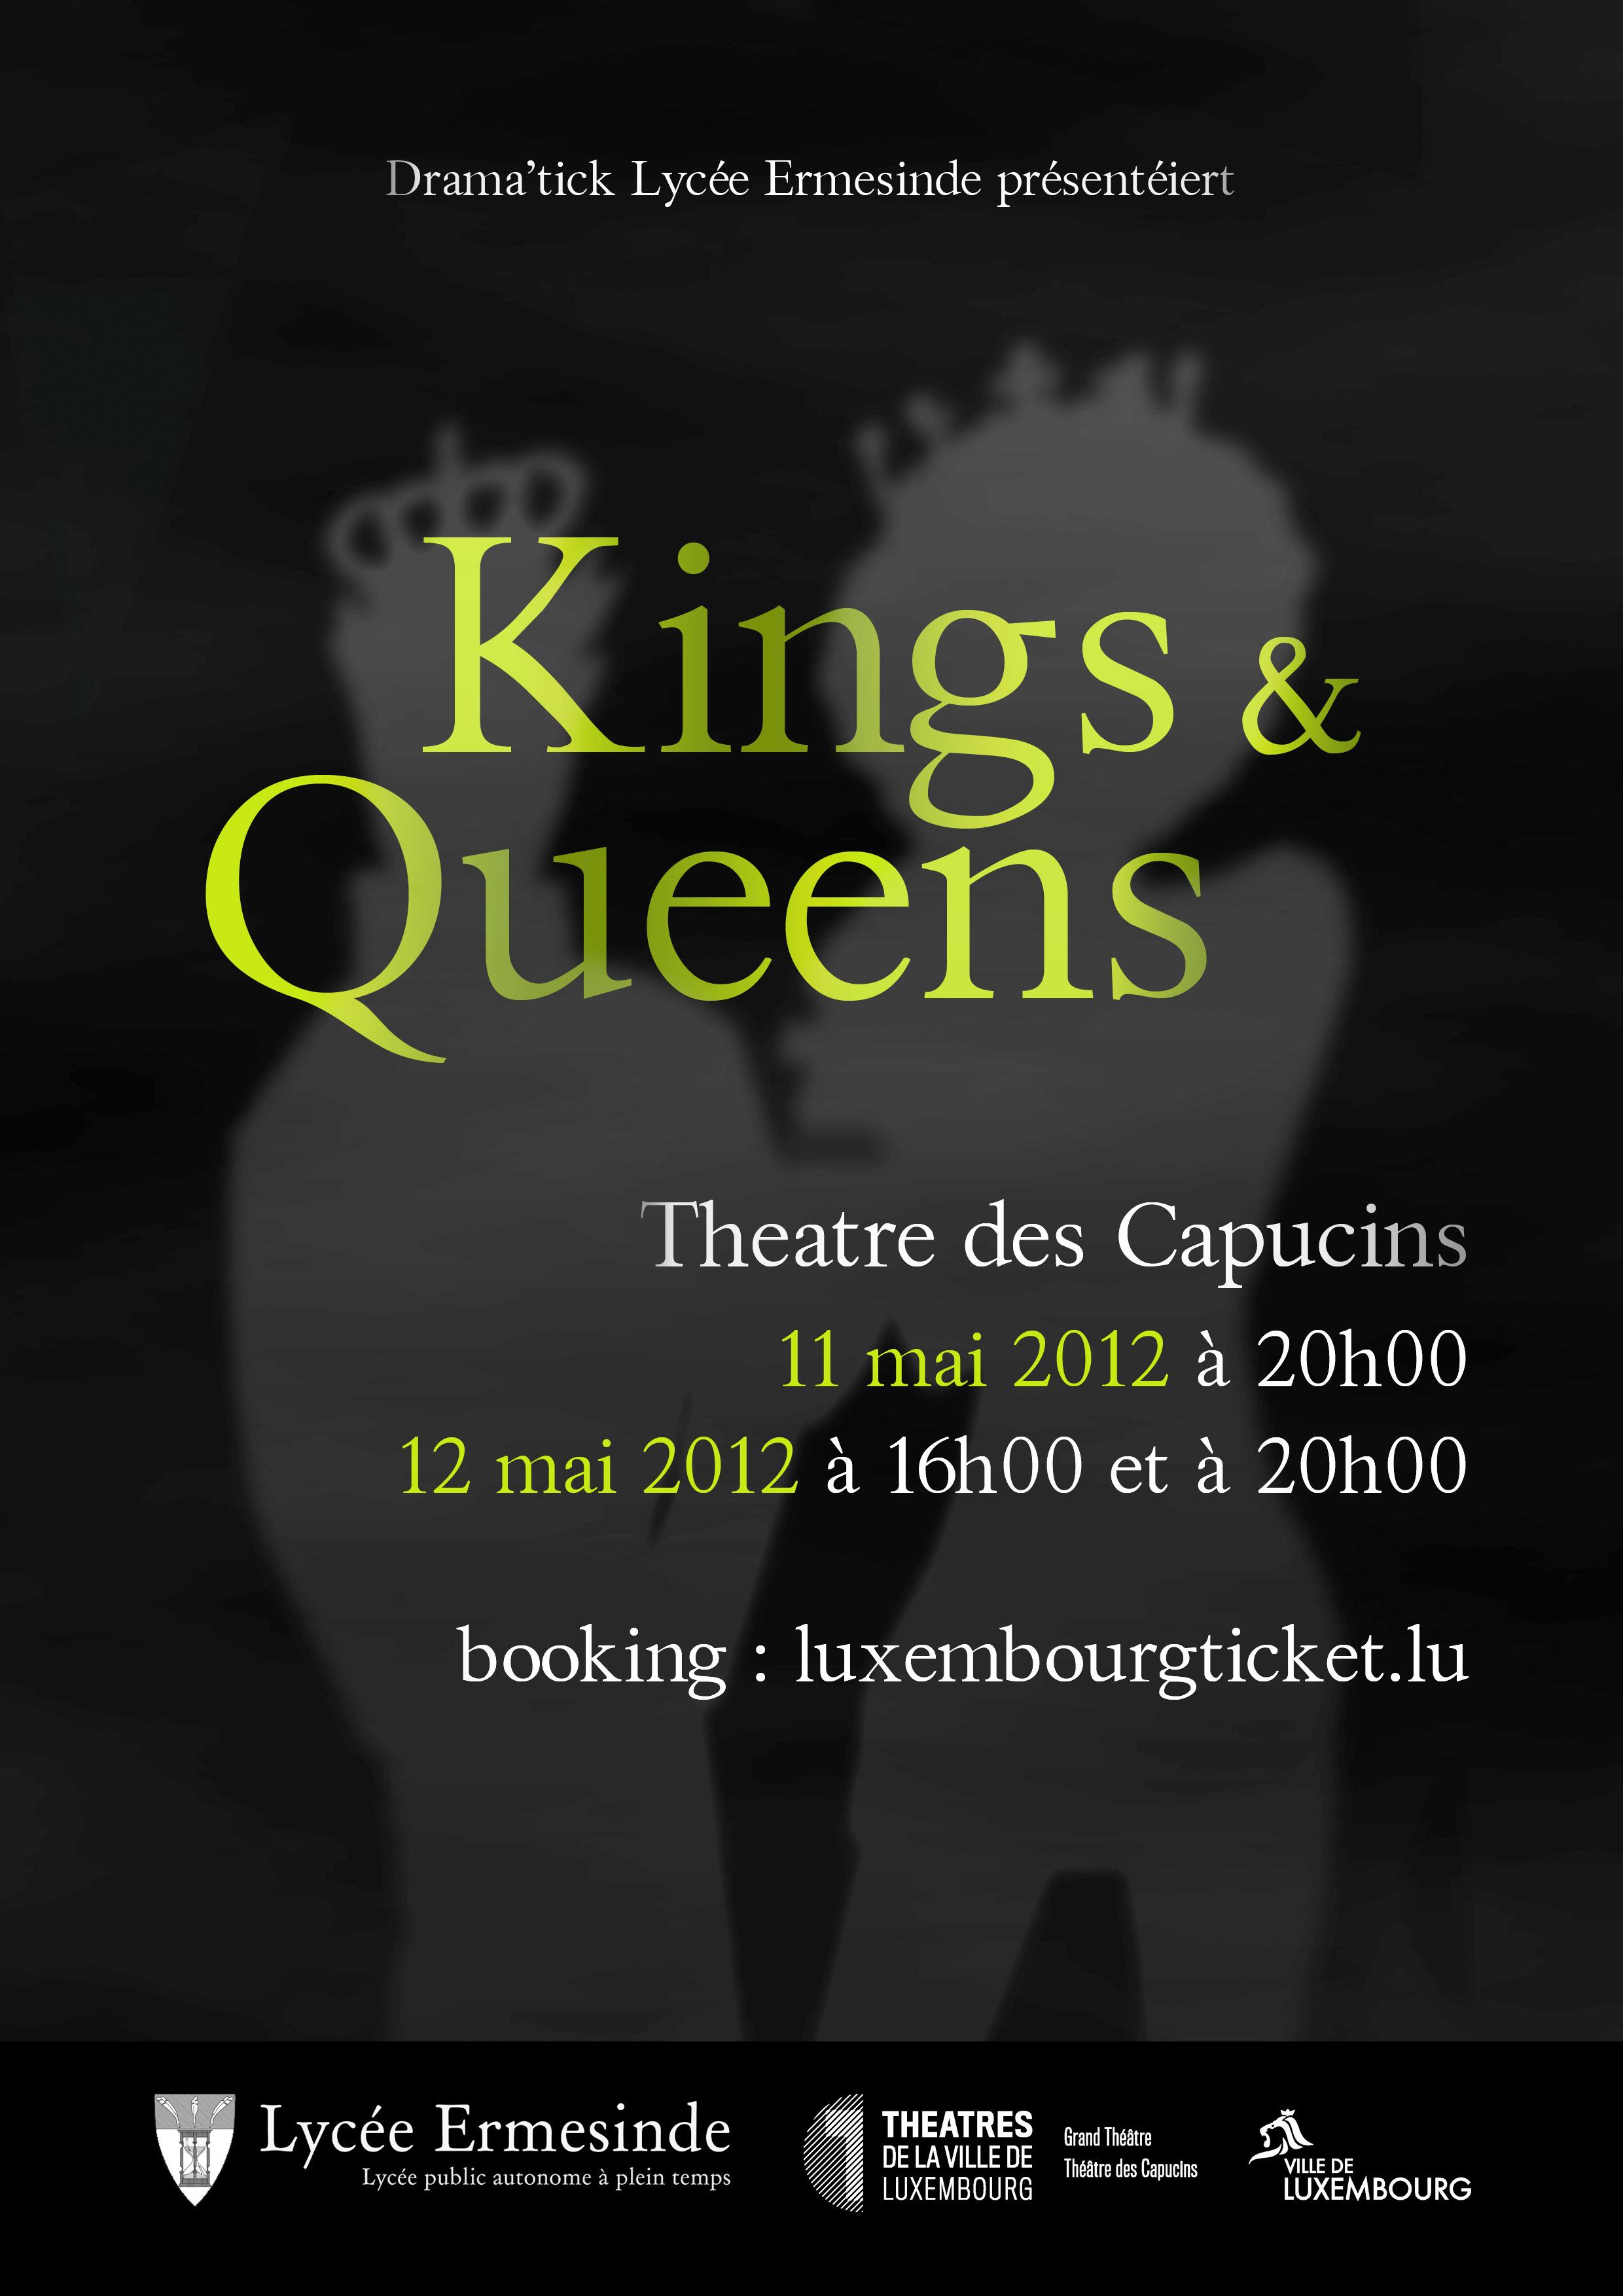 2012 kings & queens.jpg